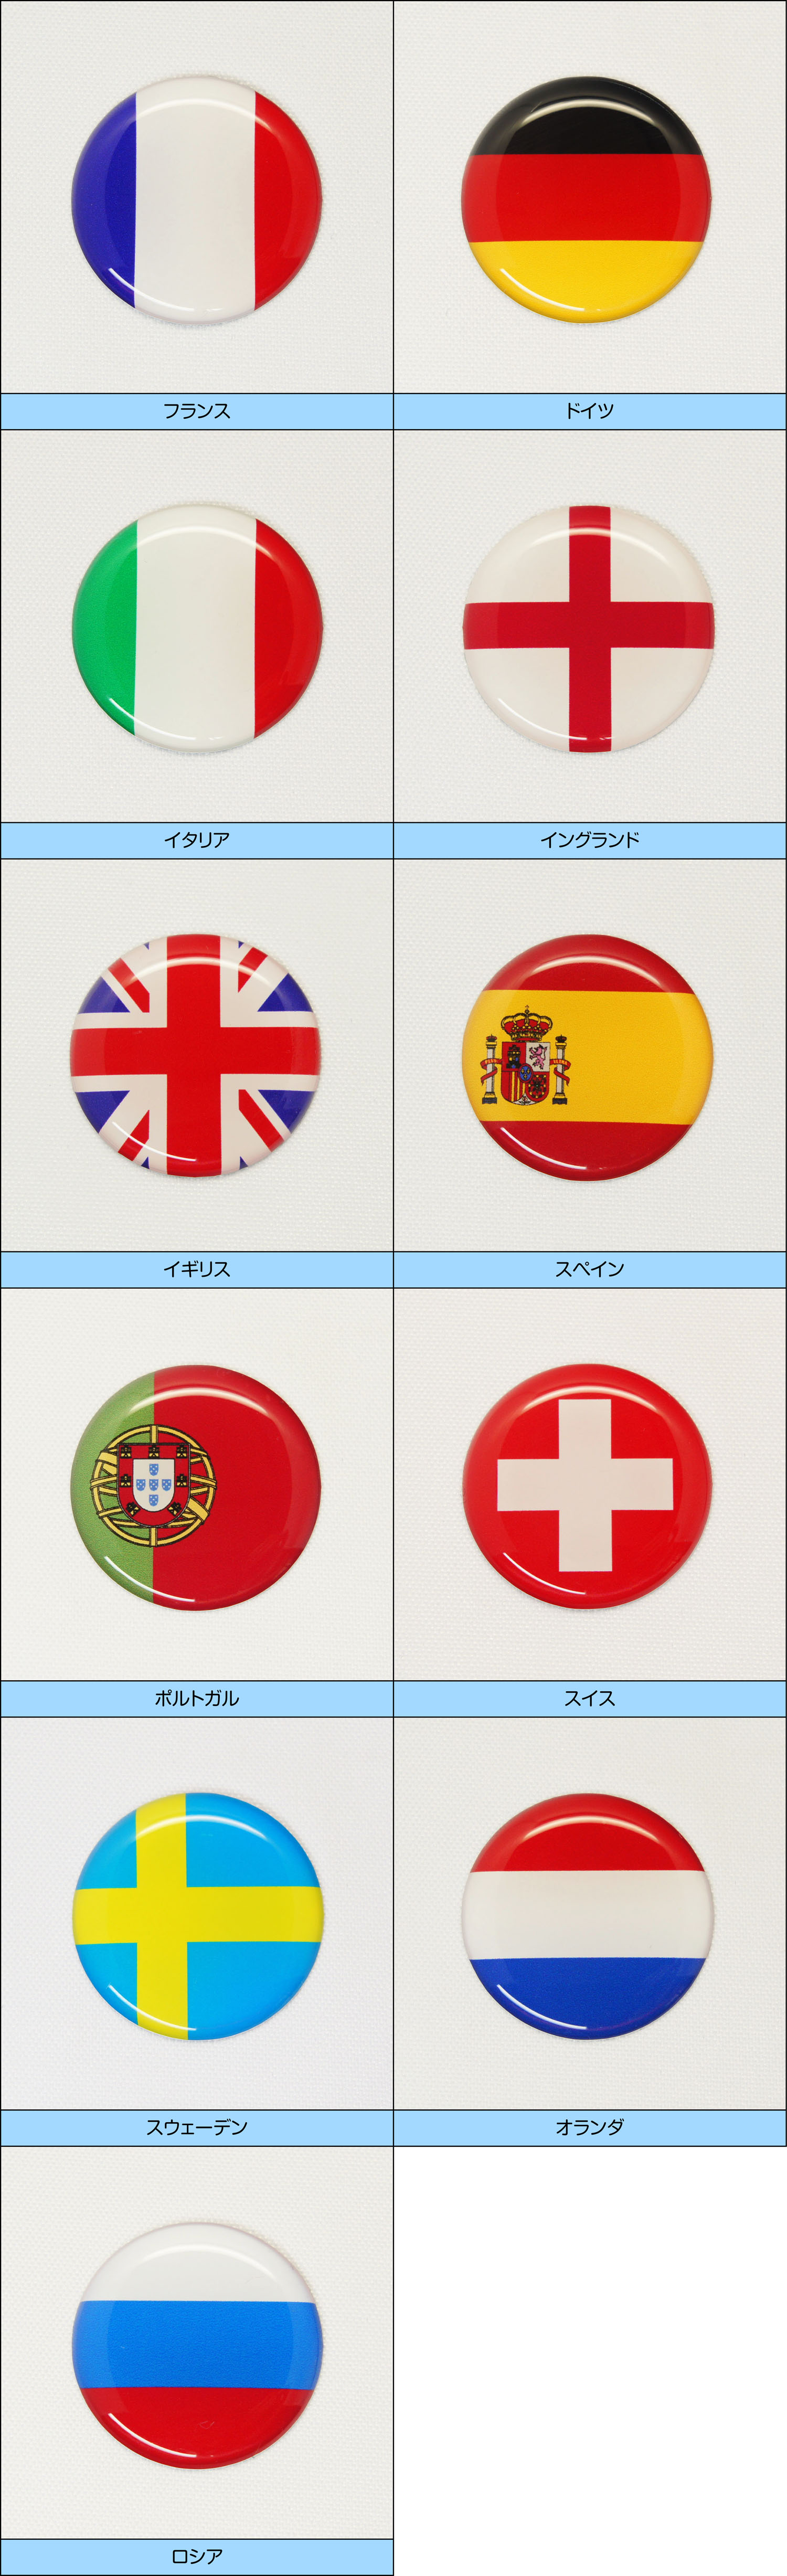 世界の国旗ステッカー ヨーロッパ地区 一覧